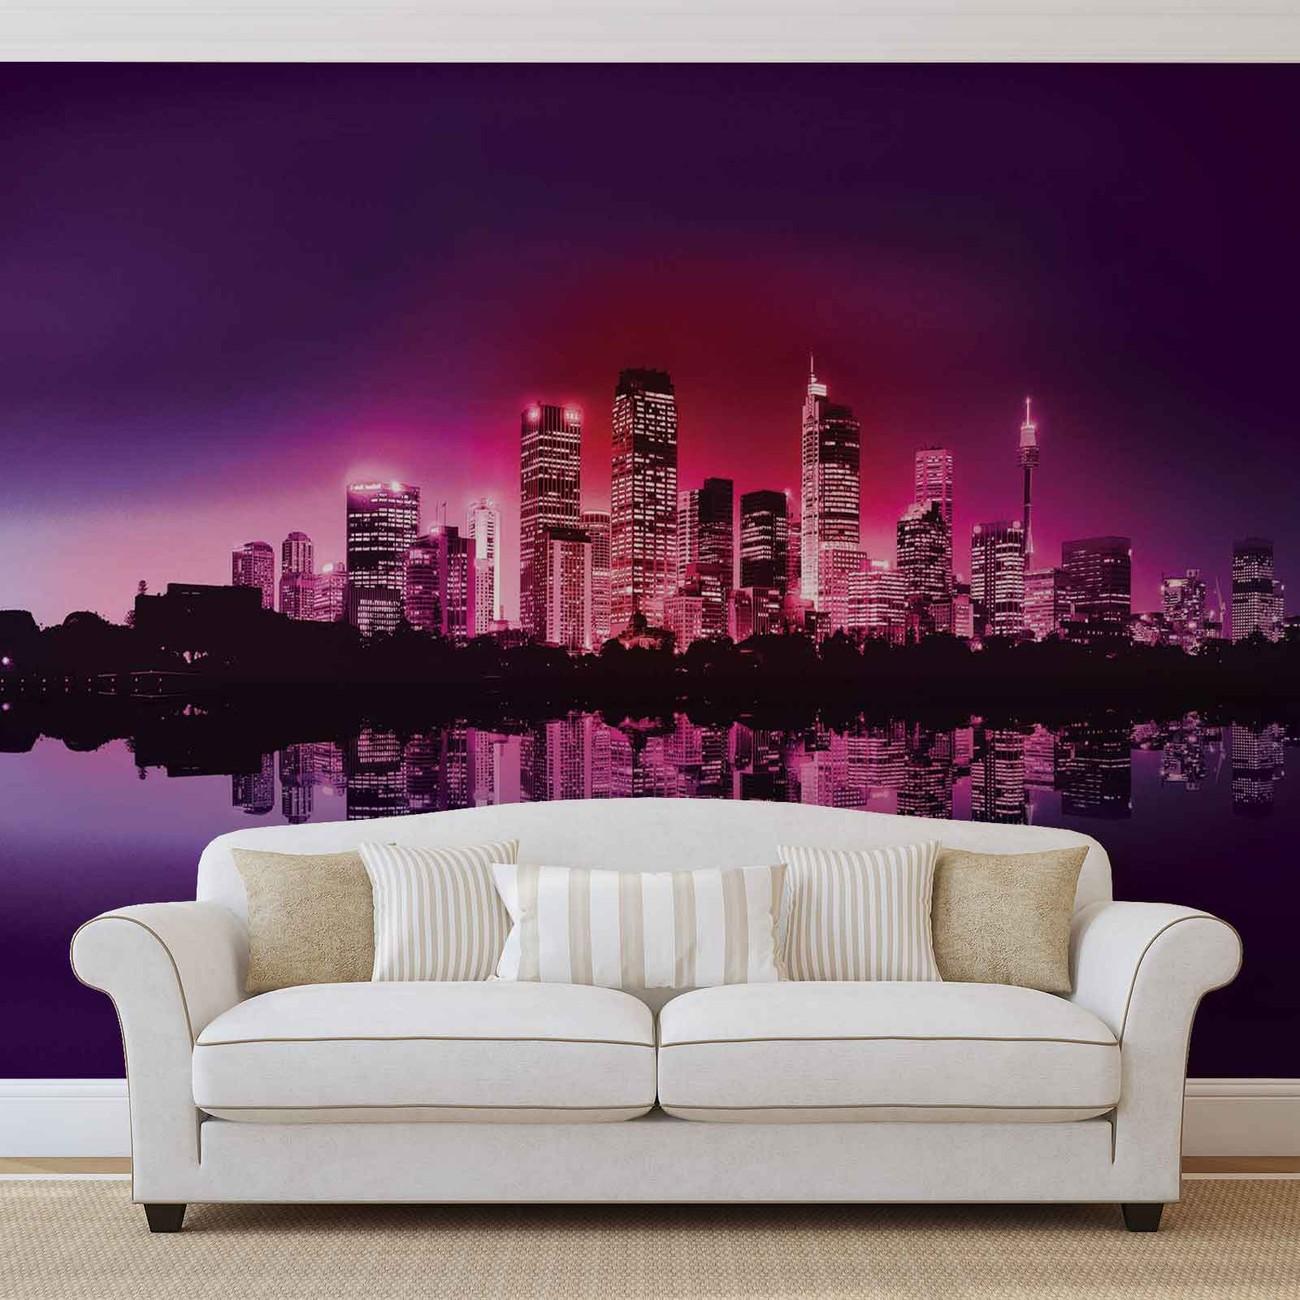 Fotomurale ciudad nueva york skyline papel pintado - Papel pintado nueva york ...